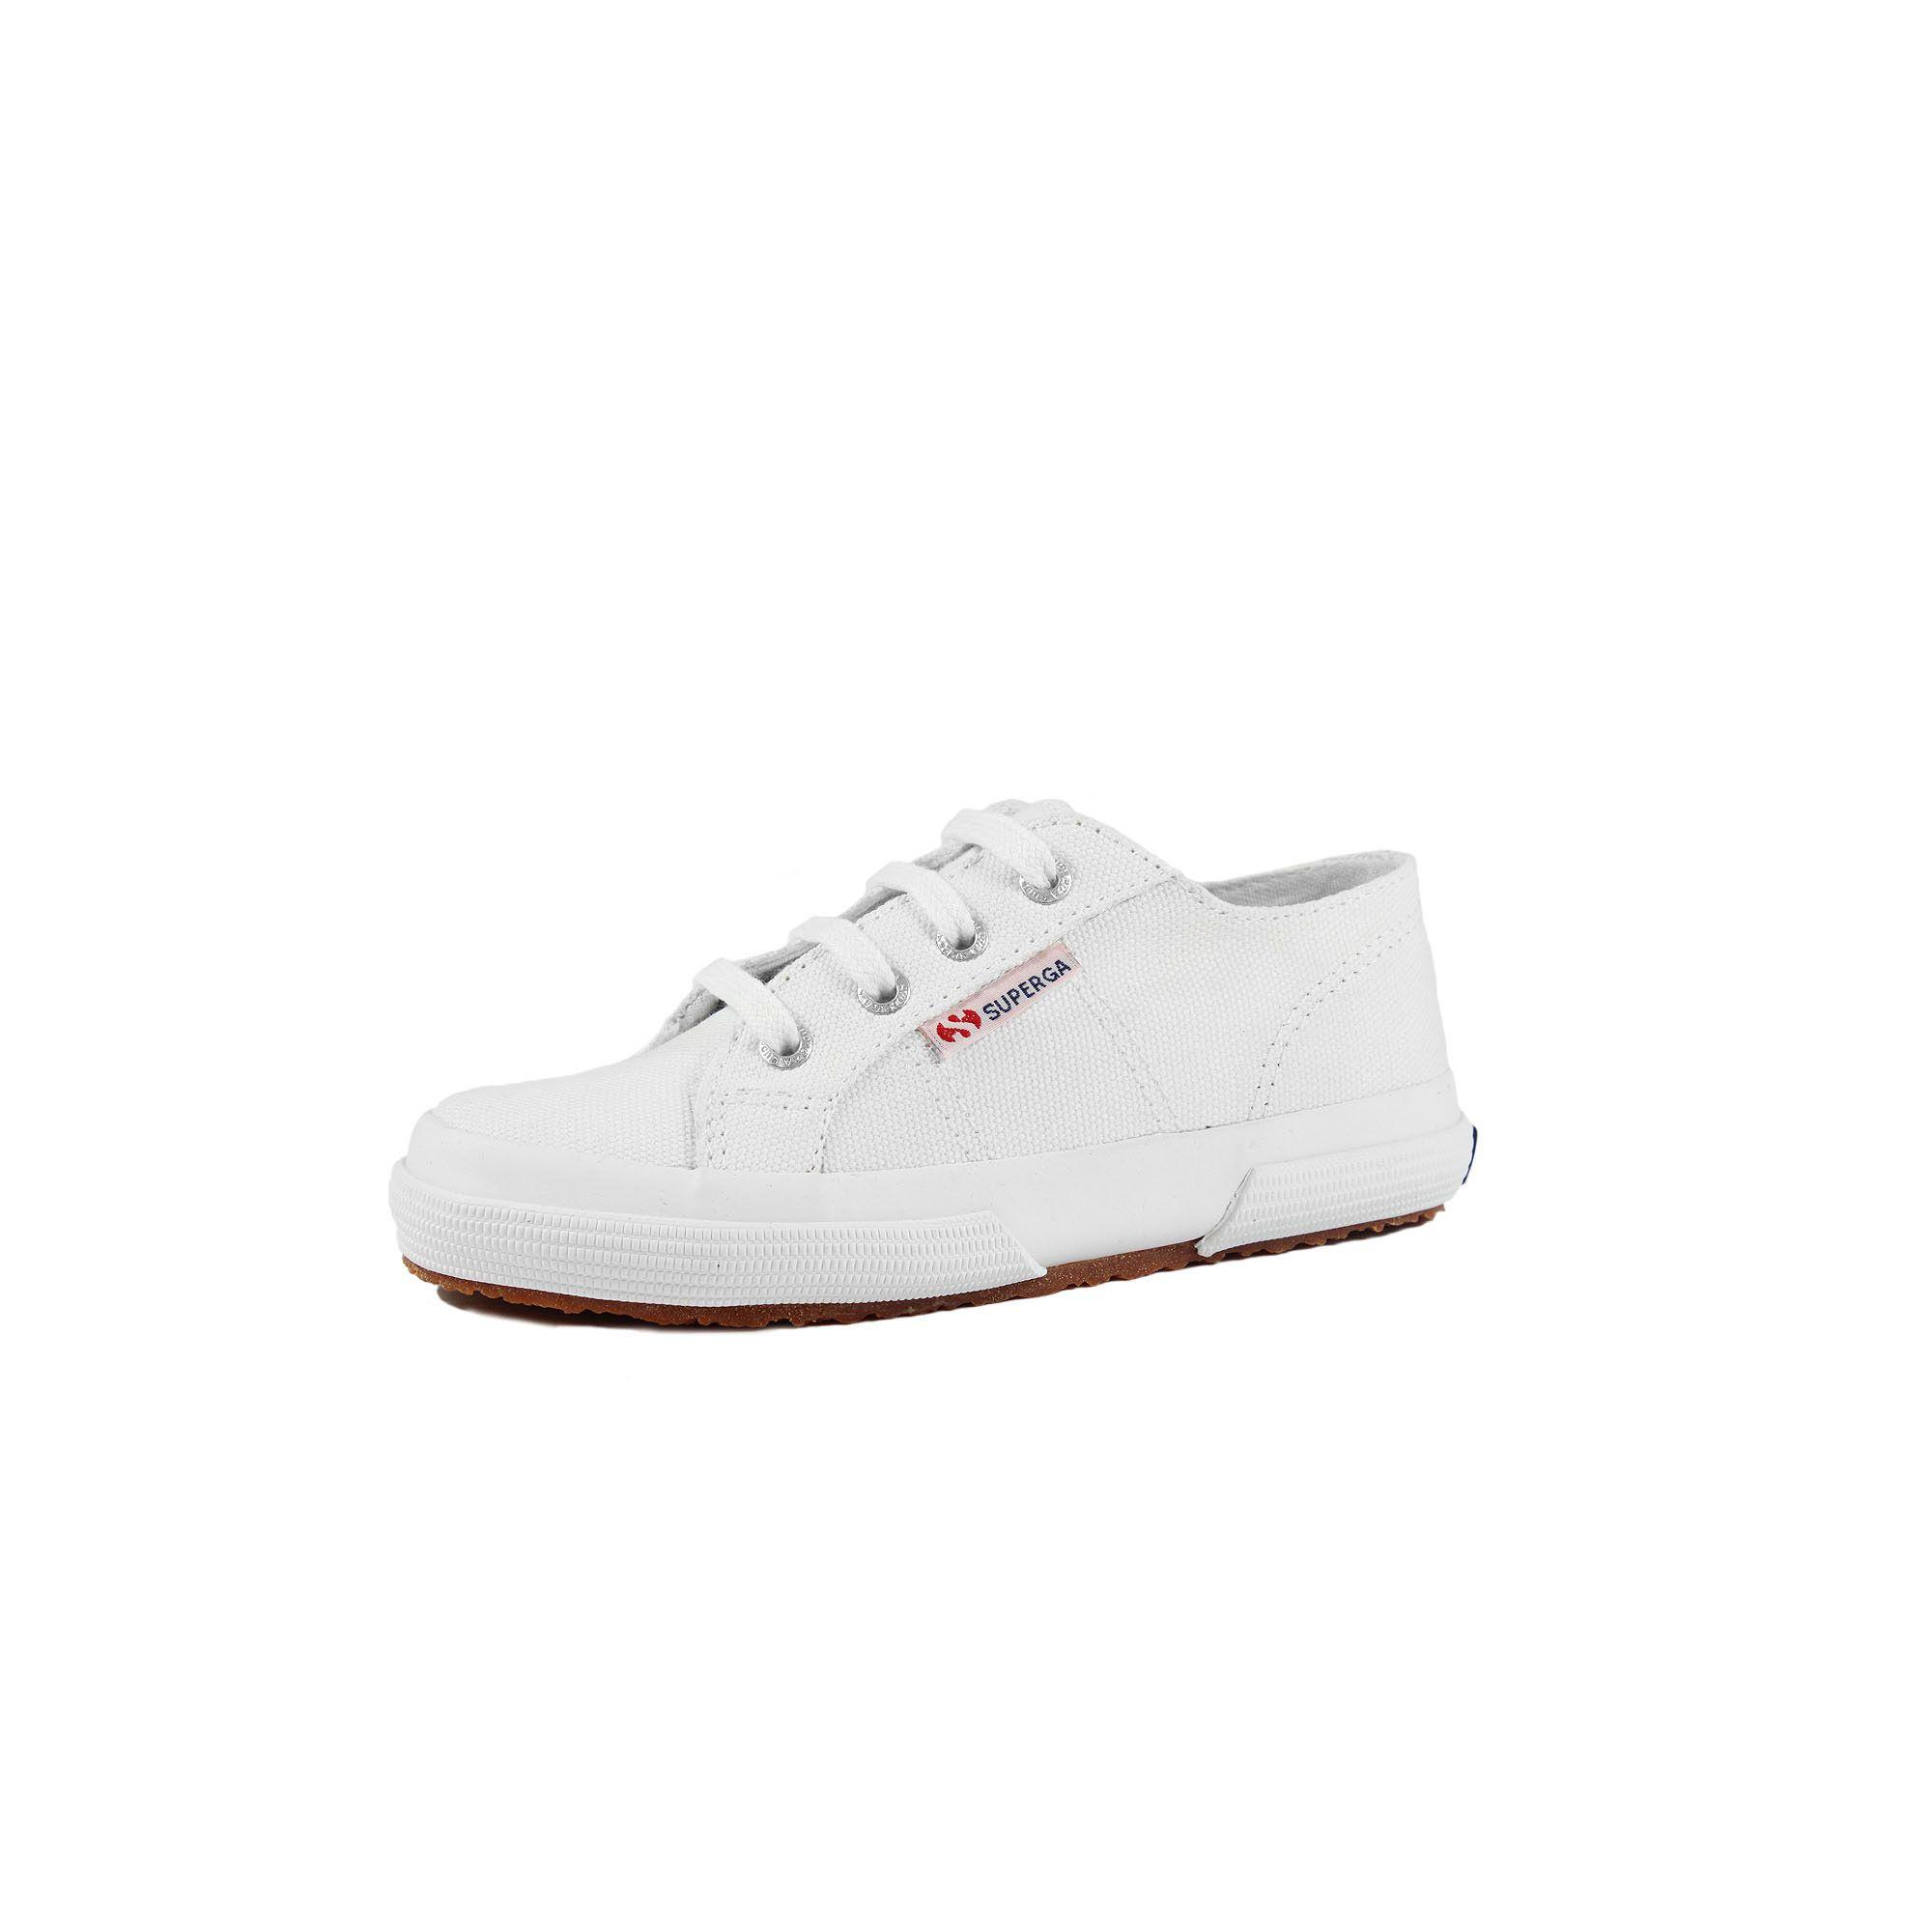 2750 JCOT CLASSIC WHITE